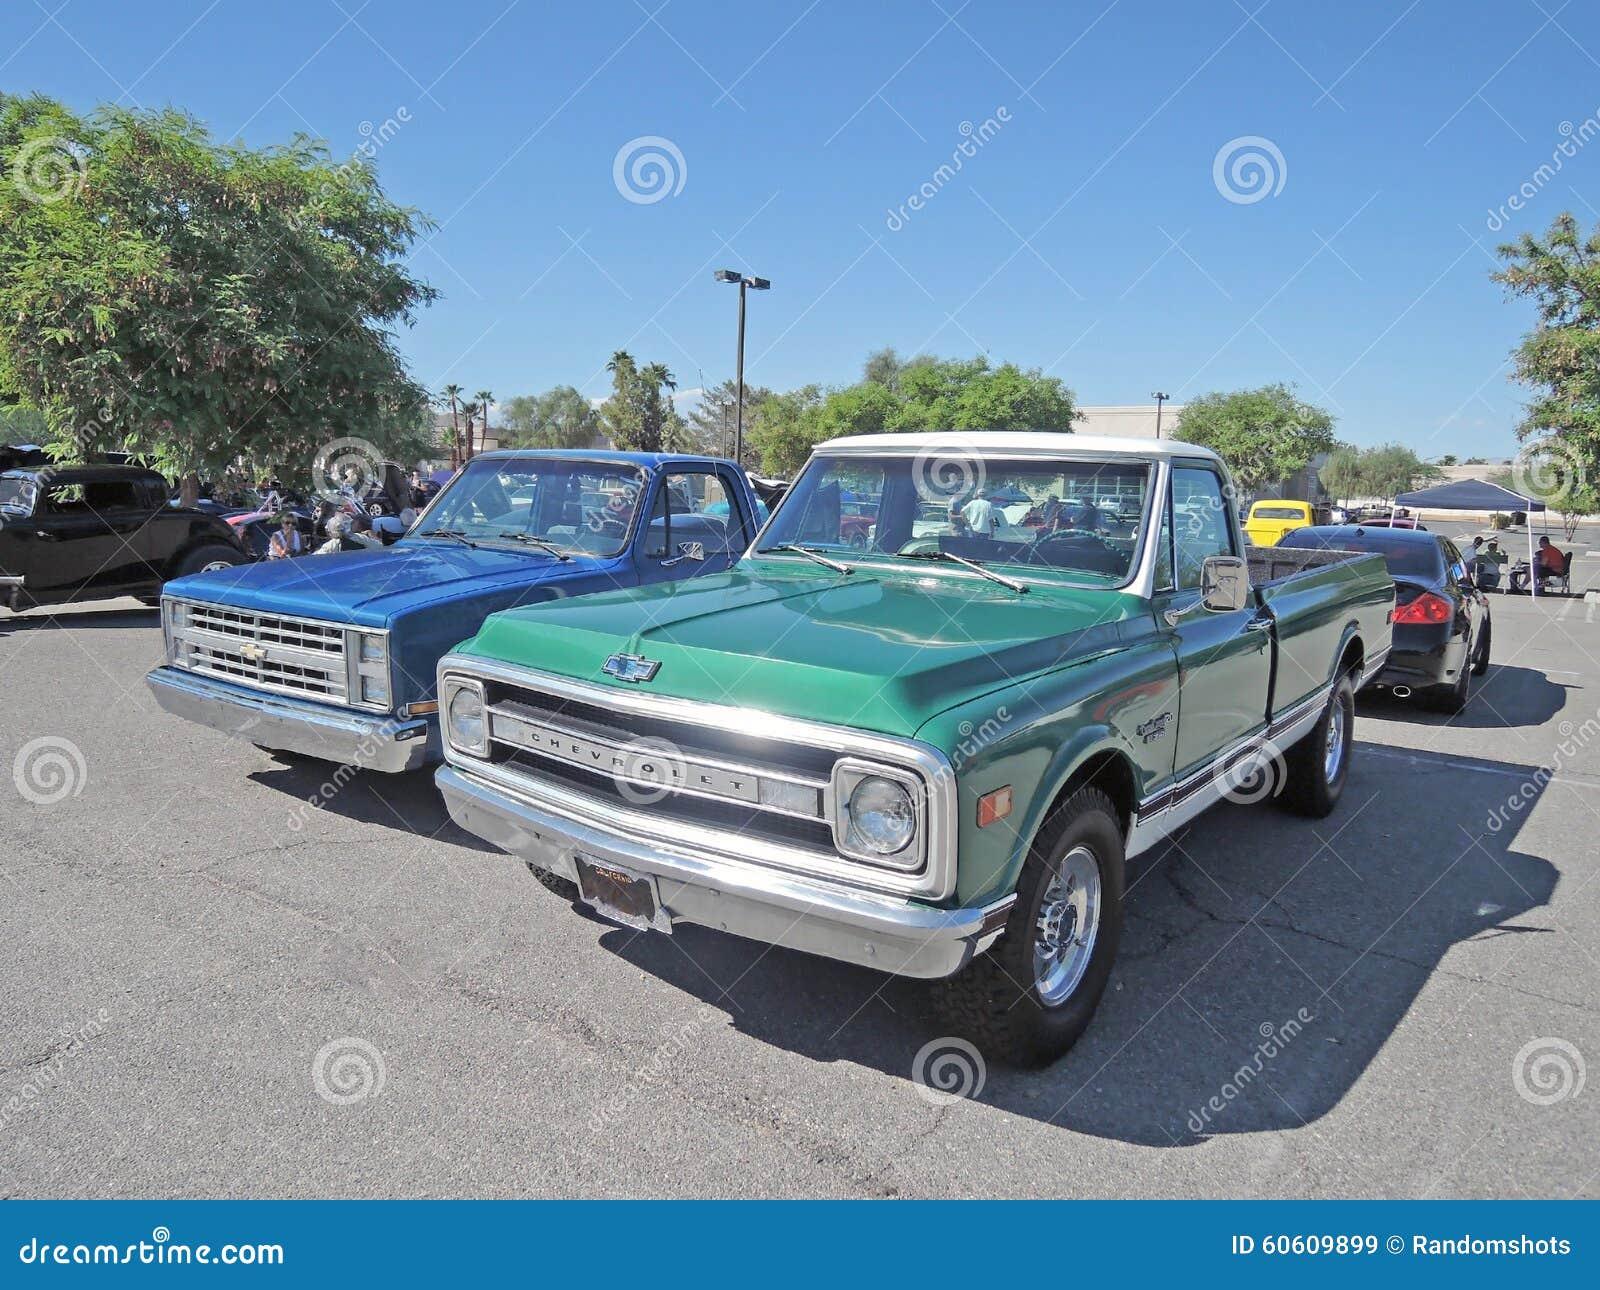 1970s chevrolet trucks